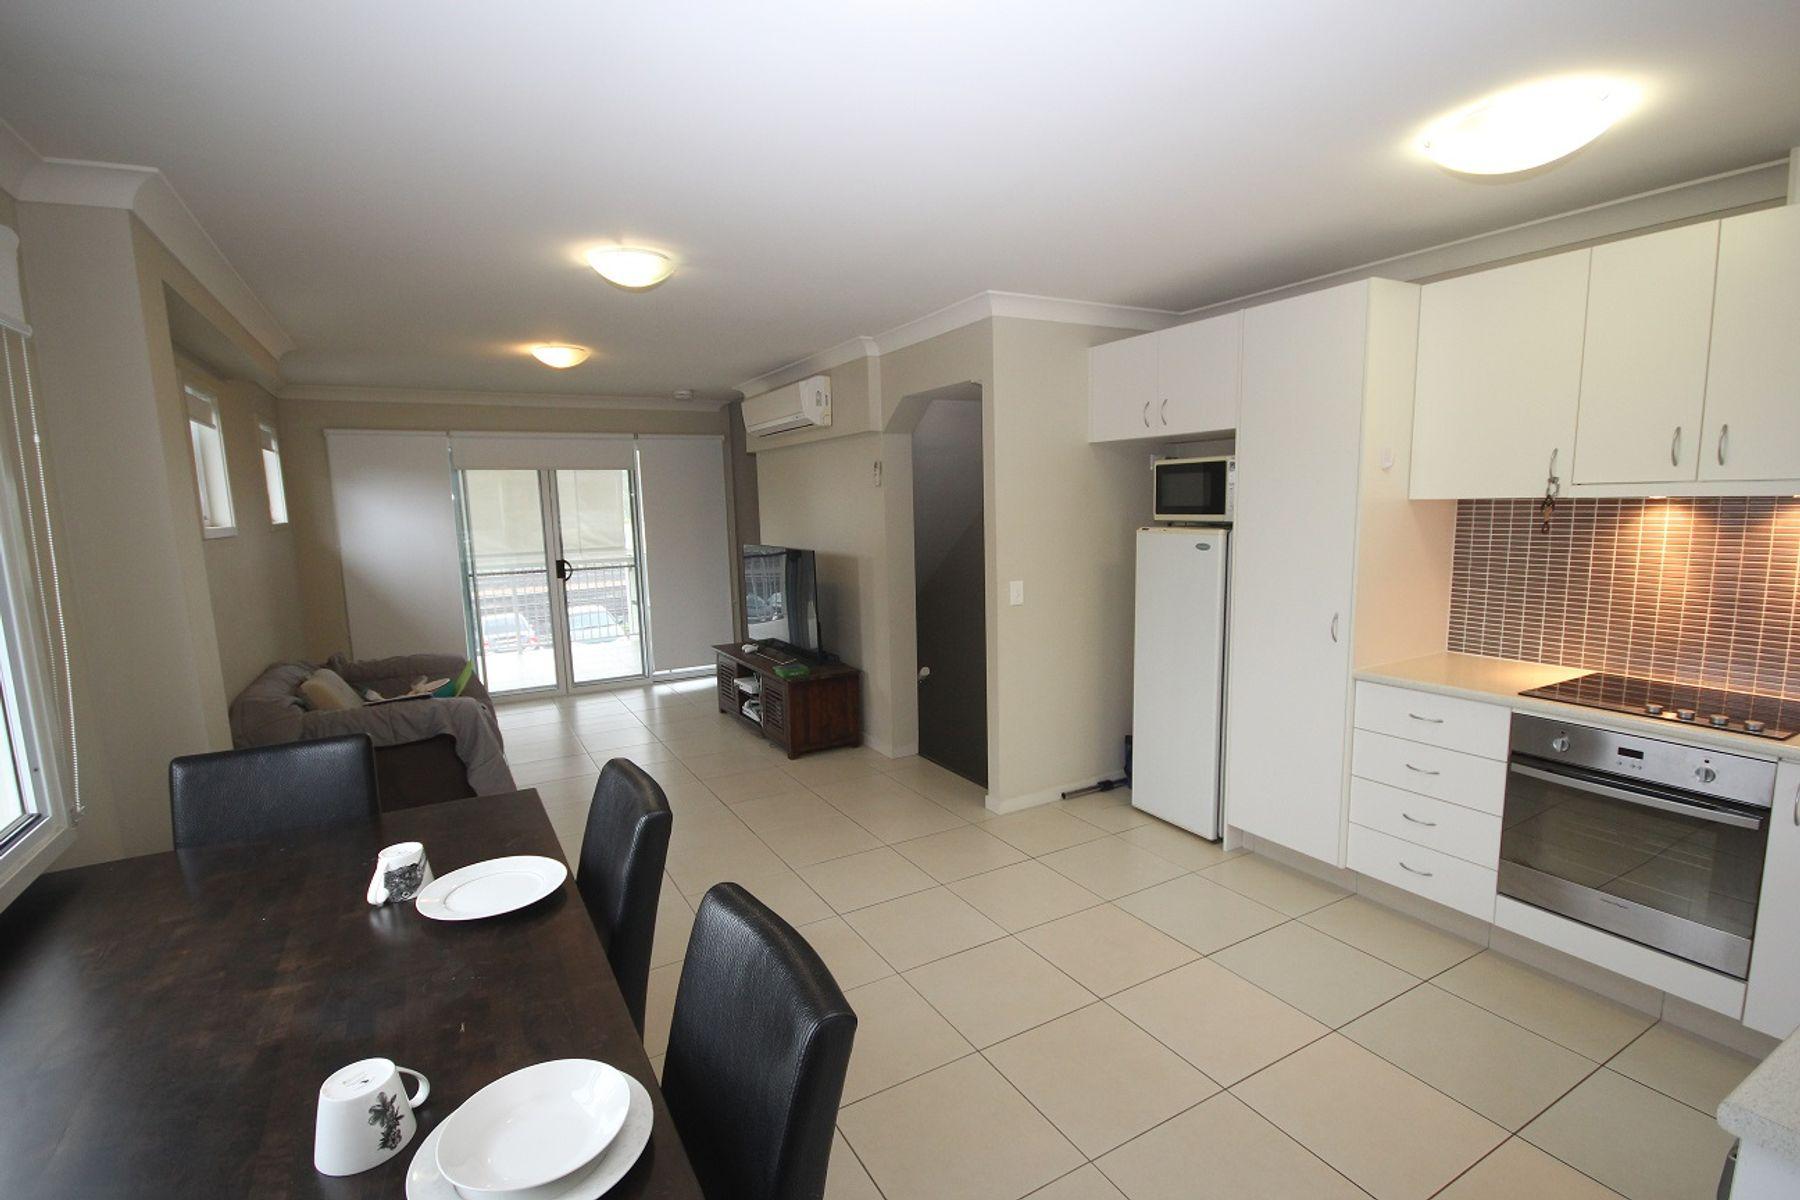 6/6 Hassall Street, Corinda, QLD 4075